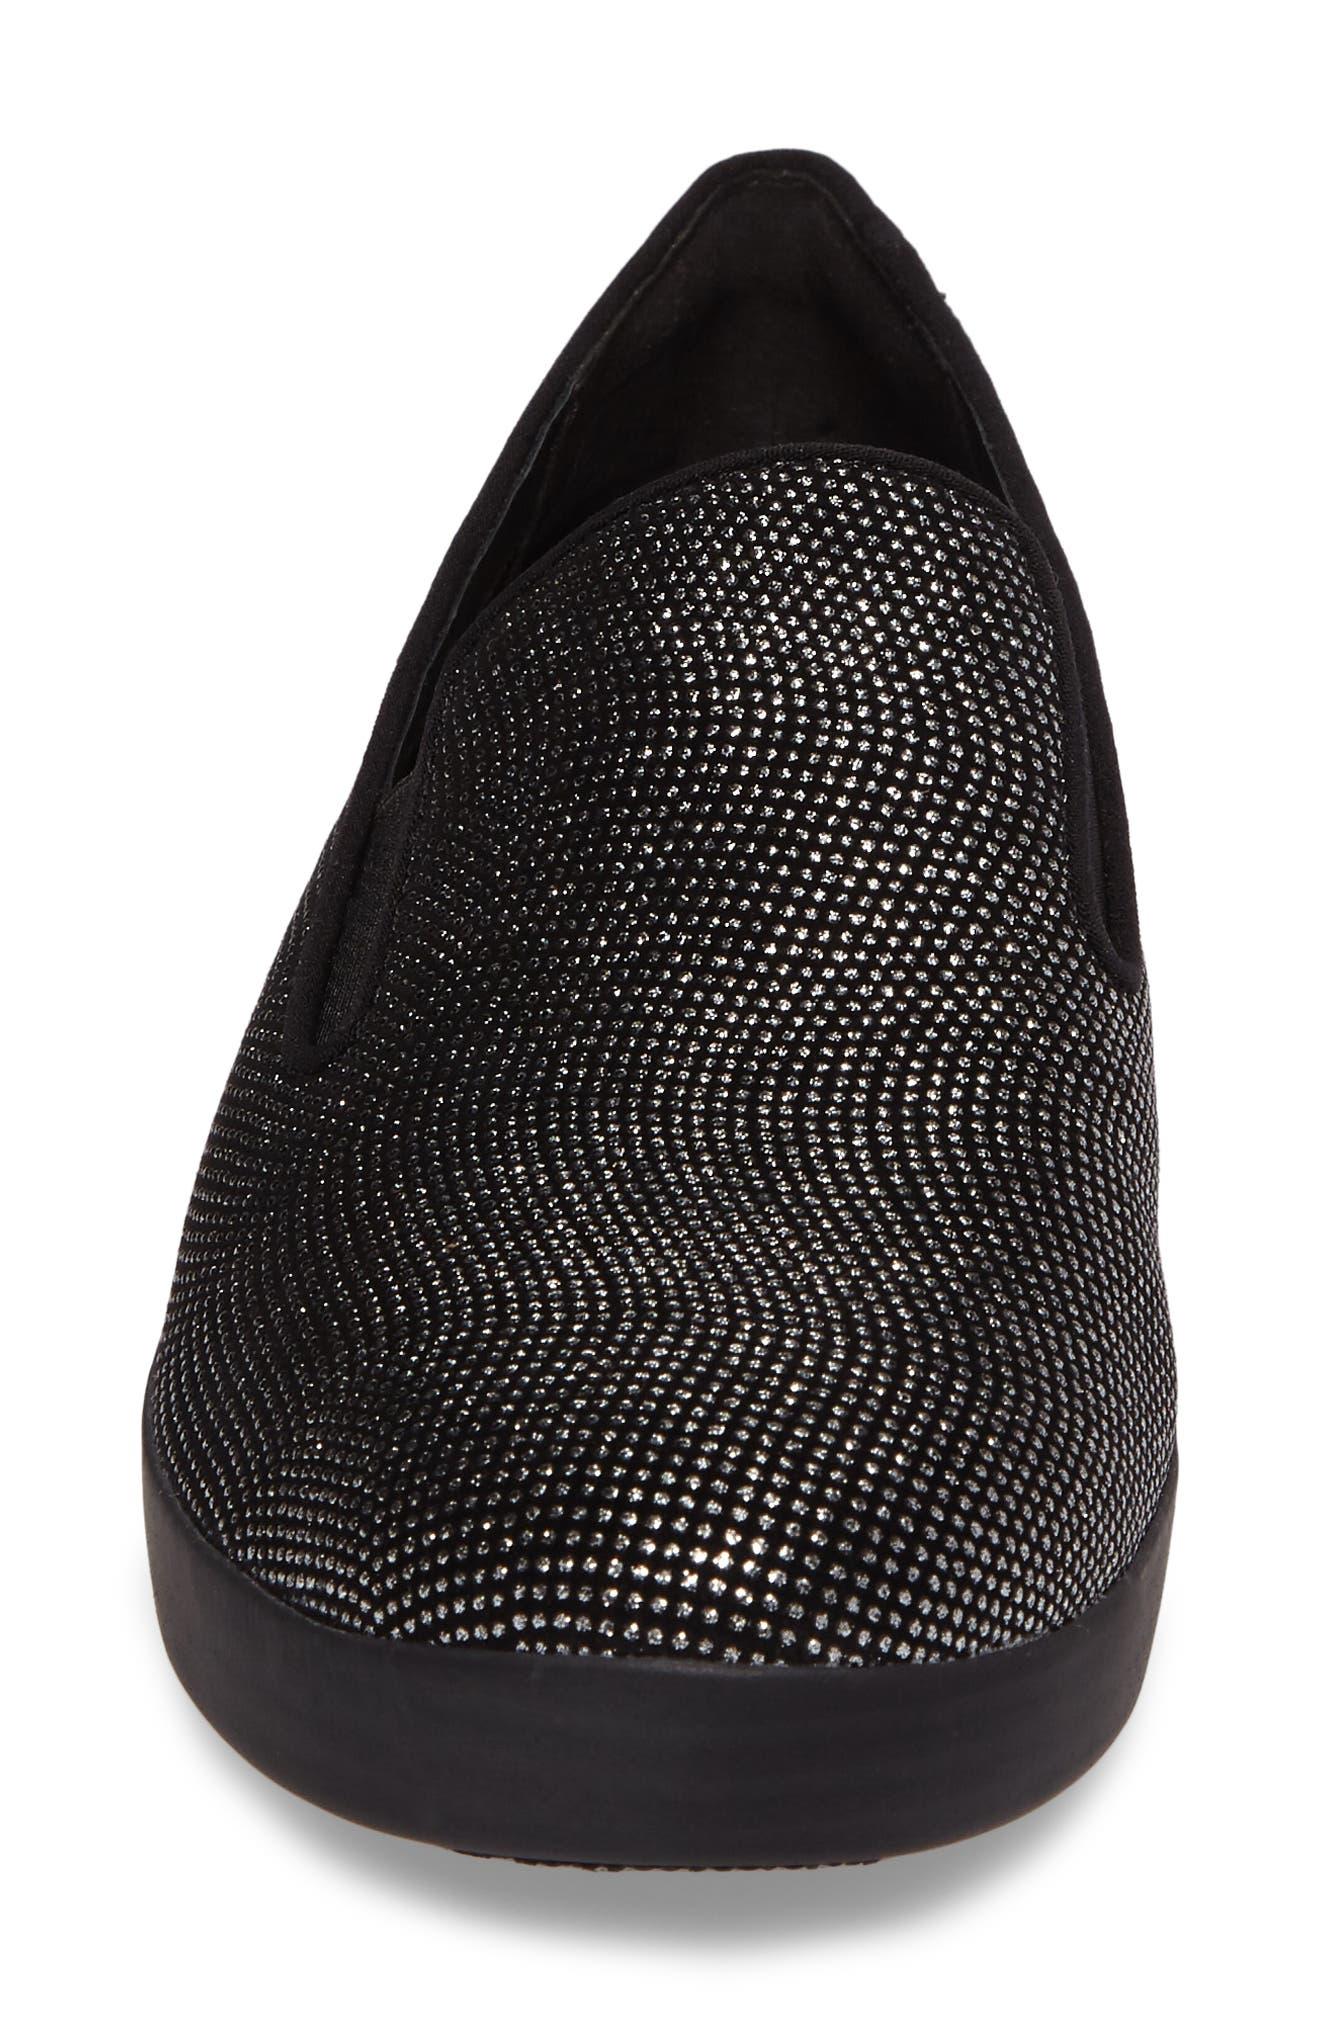 Superskate Glitter Dot Slip-On Sneaker,                             Alternate thumbnail 4, color,                             Black Glimmer Suede